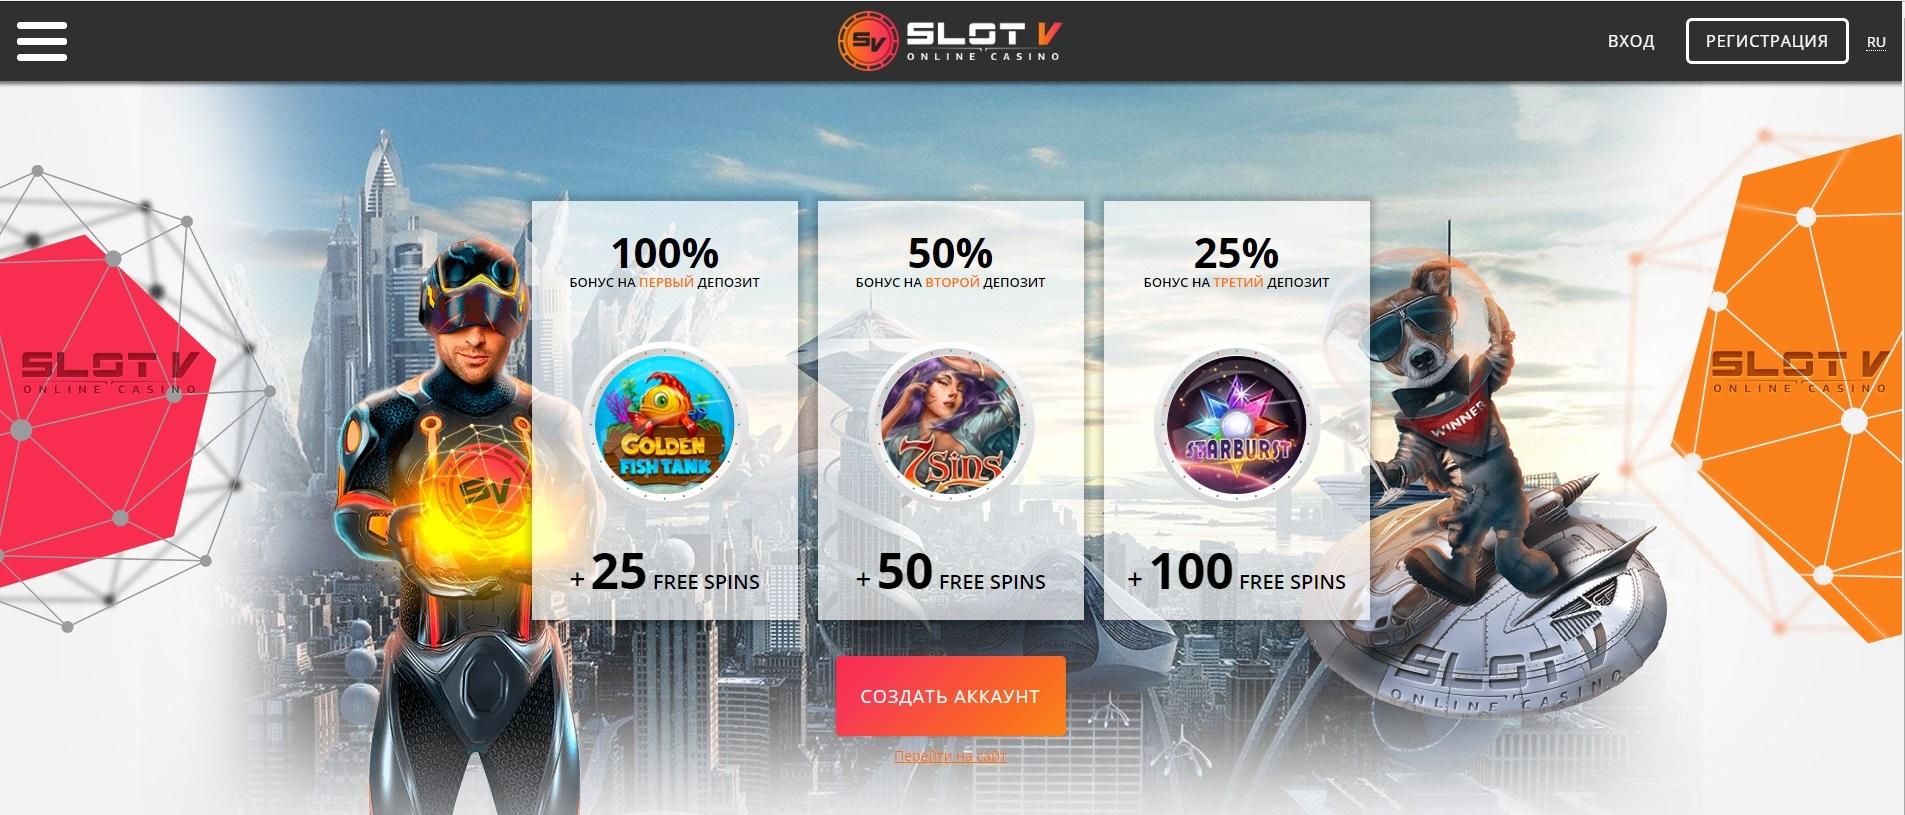 казино slot v официальный сайт